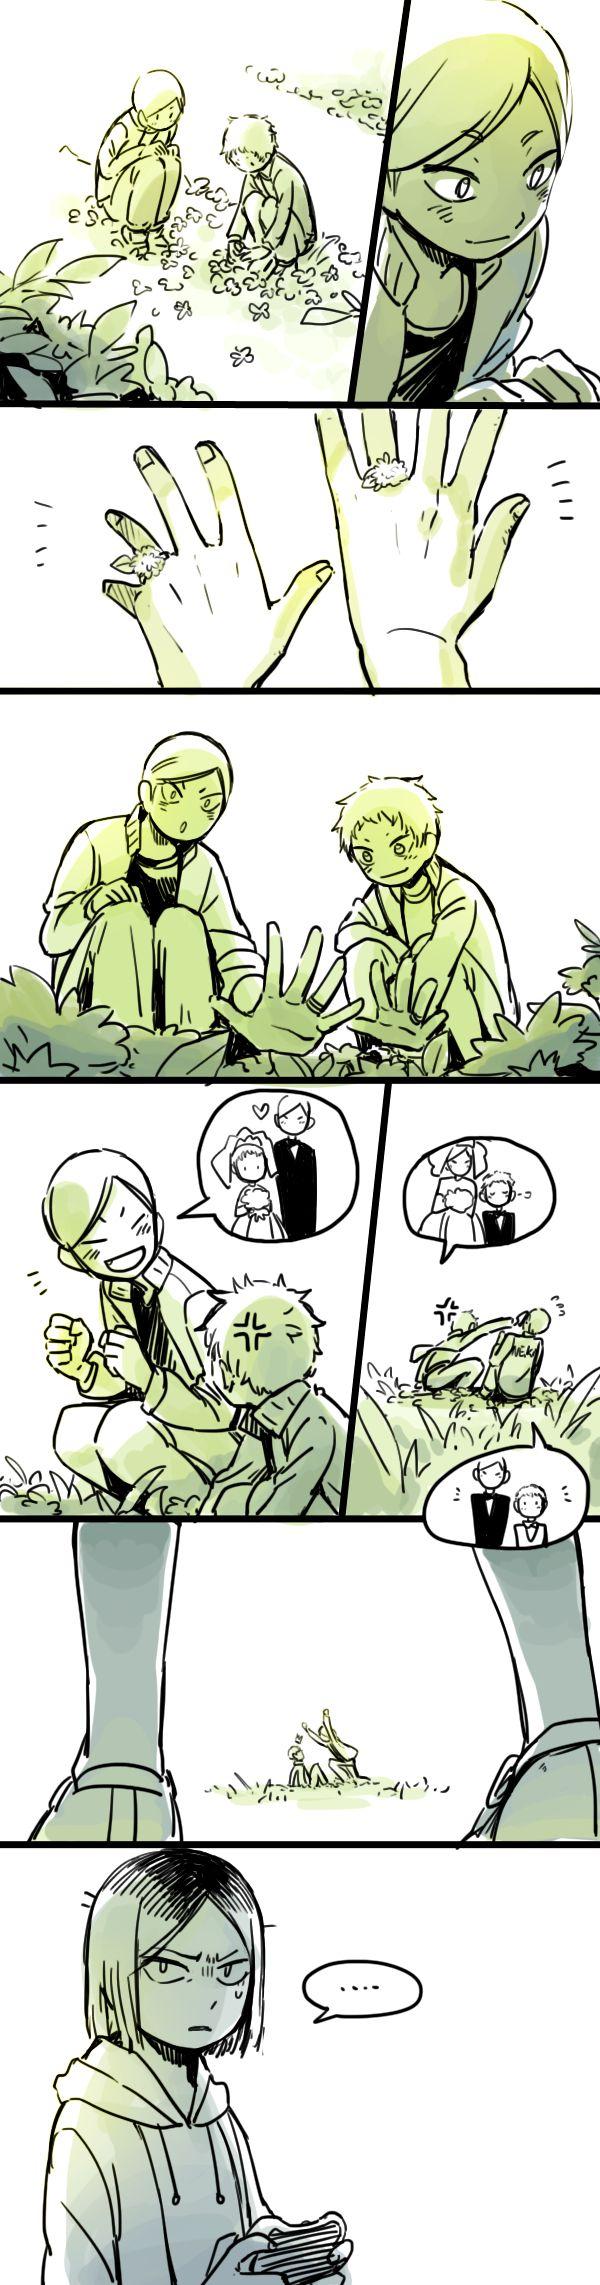 LevYaku + Kenma   Haiba Lev x Yaku Morisuke